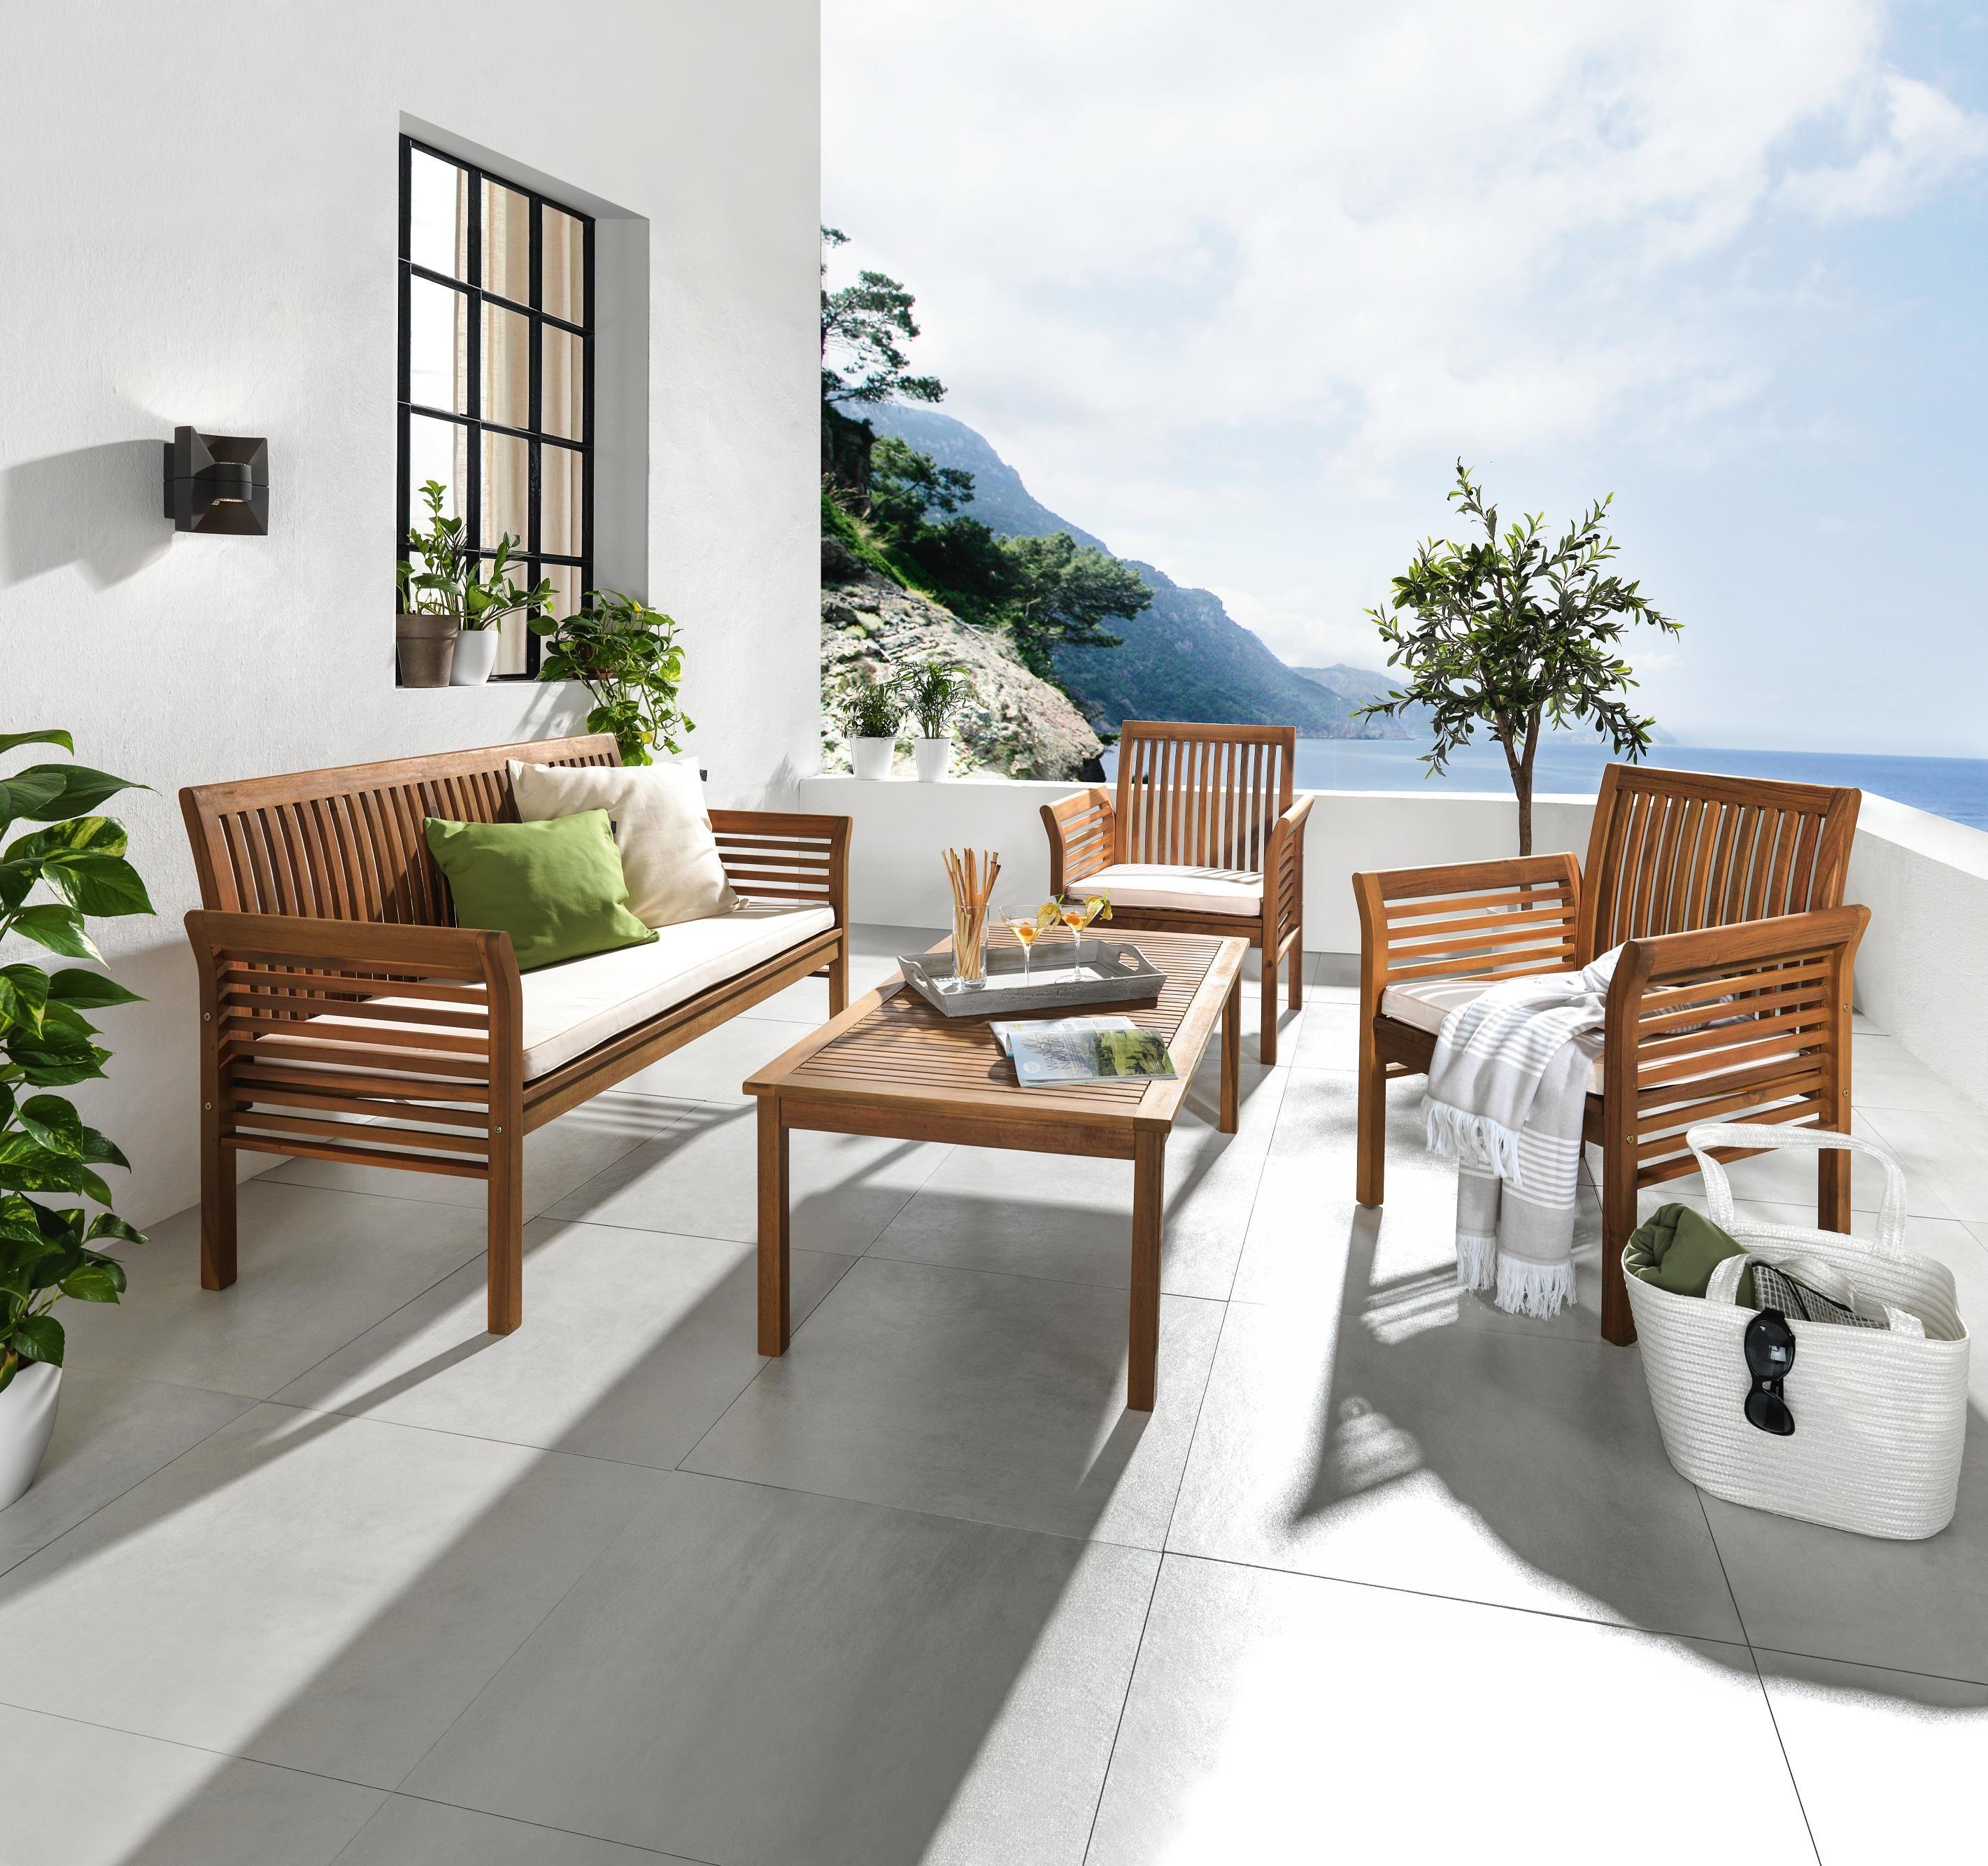 Zeitlose Gartenmöbel: Sessel, Bank und Tisch für Ihren Garten ...